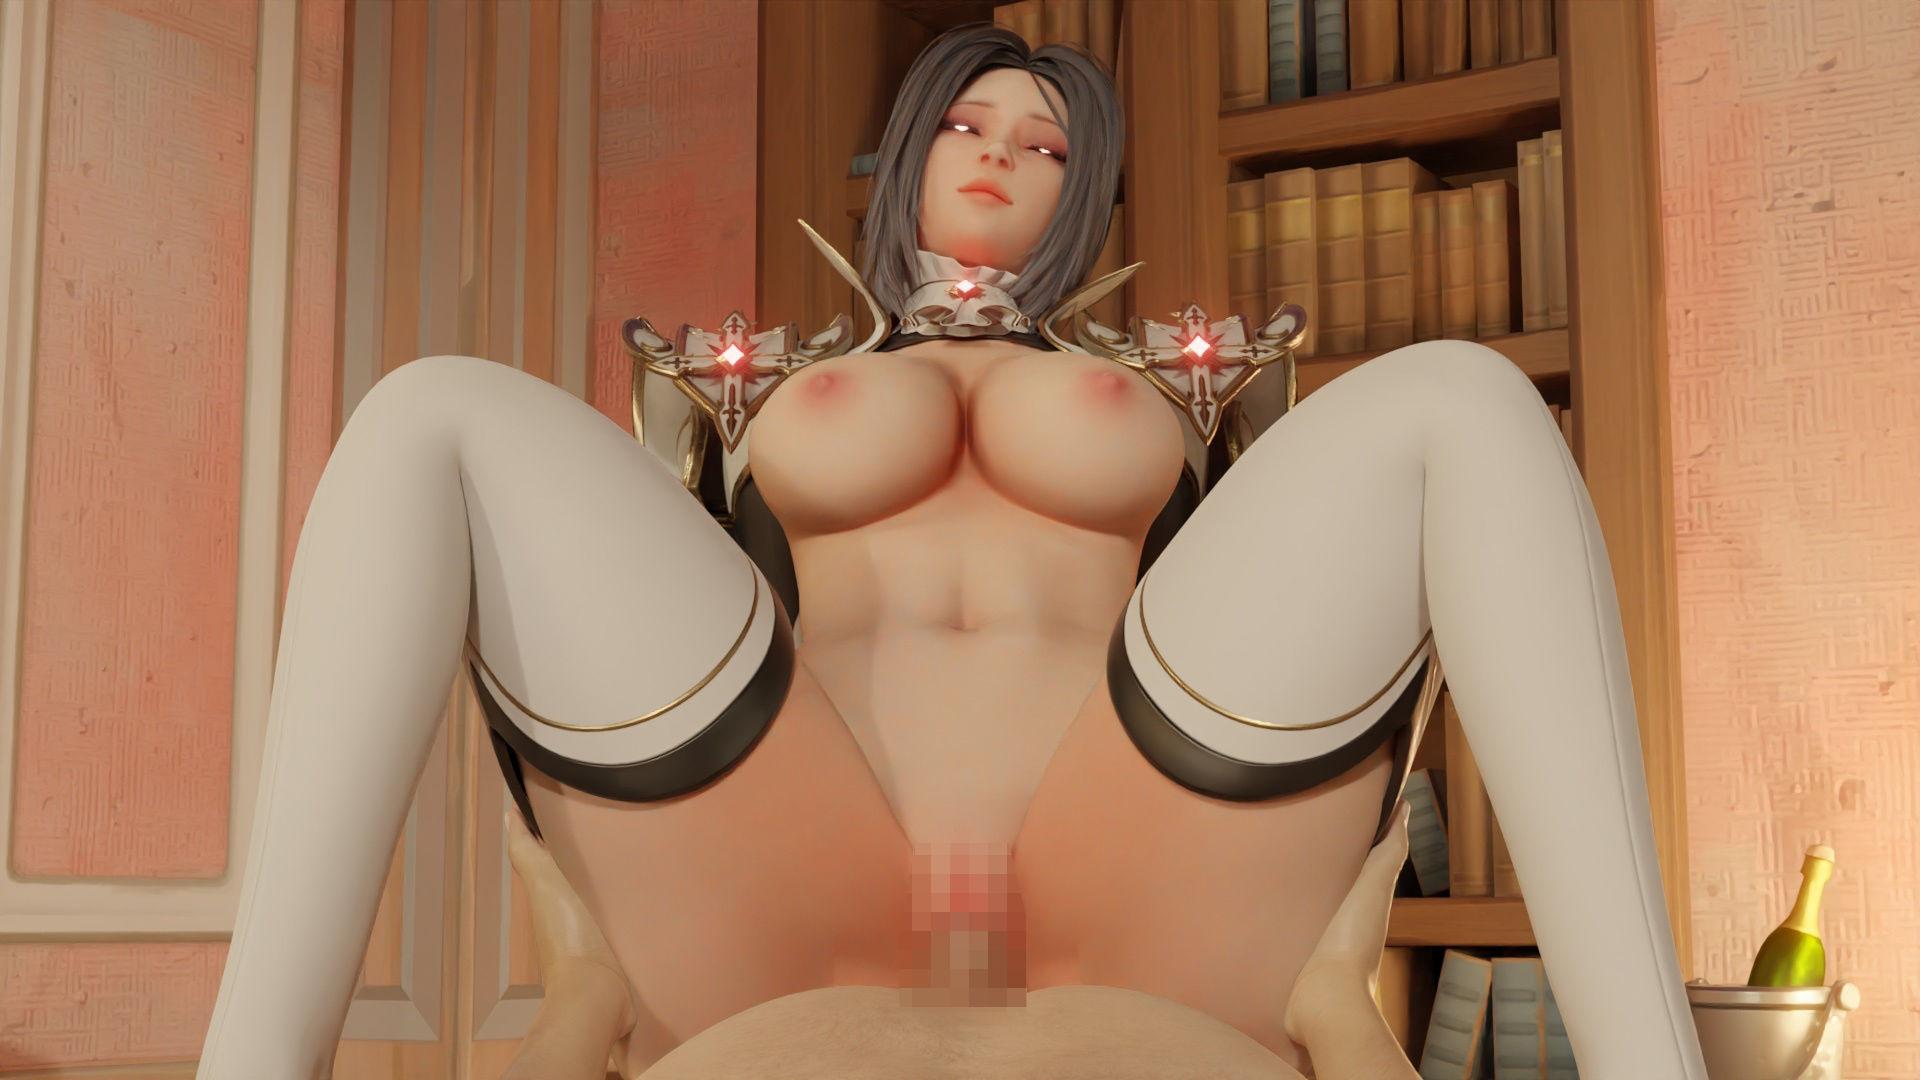 デヴァイン・ファックVR ~セックス礼拝~ エロ画像